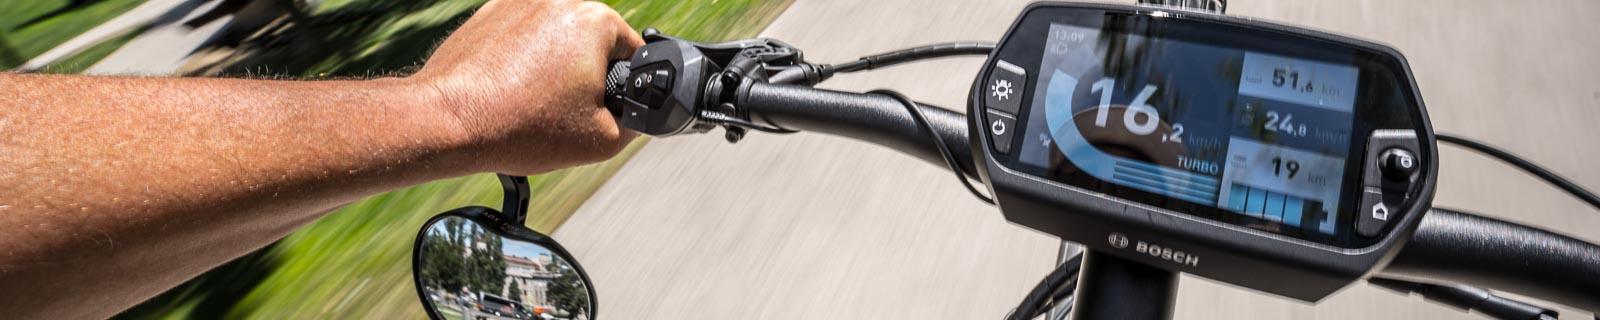 E-Bike Crossbikes und Fitnessräder mit extra Power